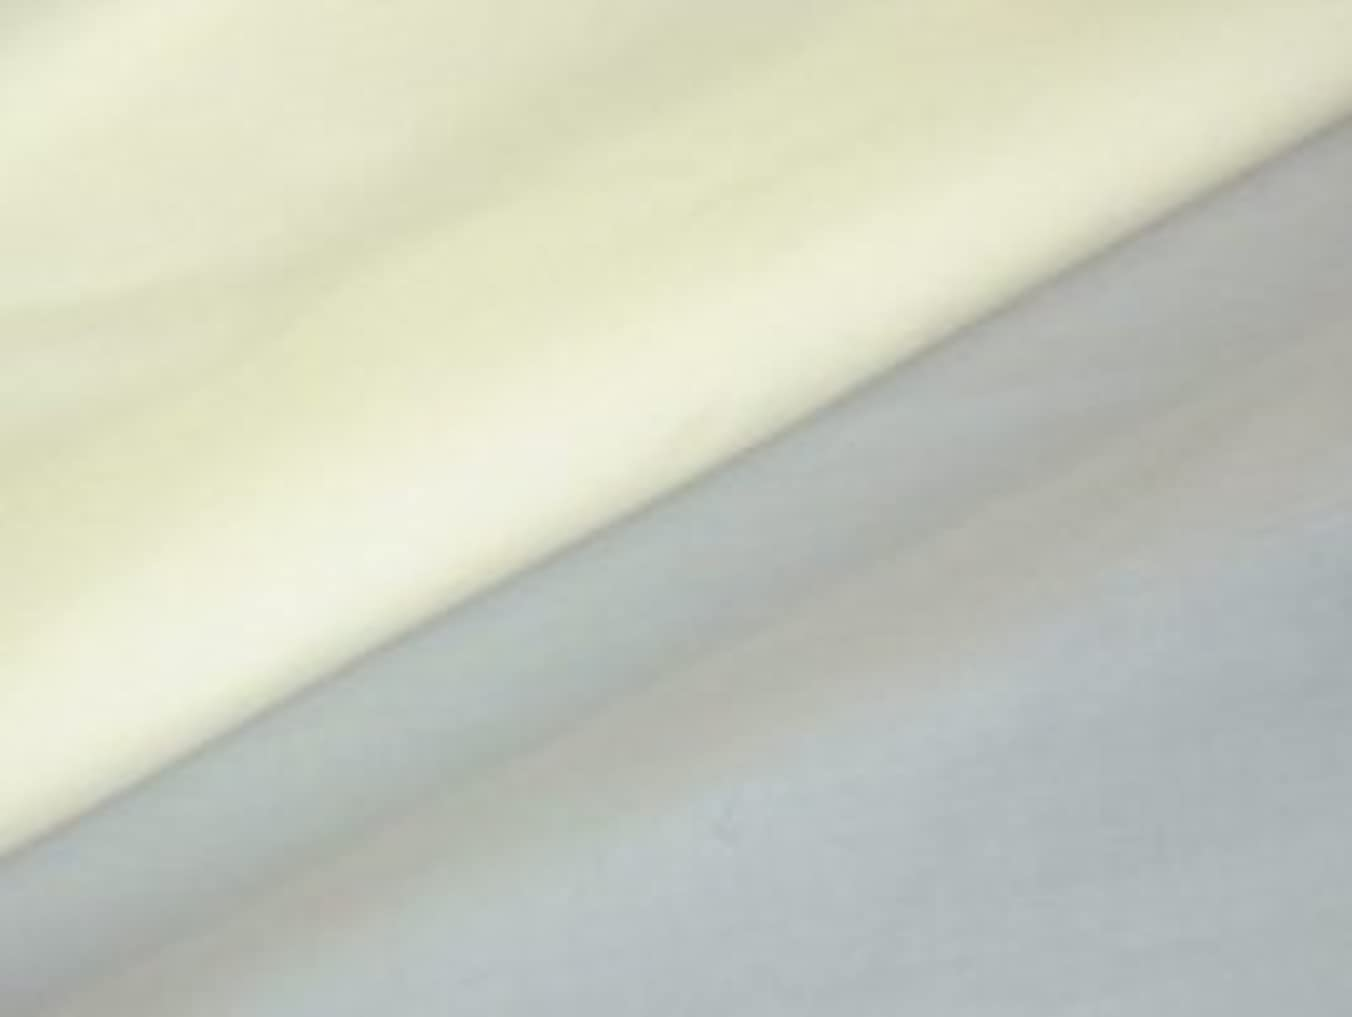 マントル独特のアンビエント【日本製】オリジナル 高密度織り 掛カバー 超長綿100%?395本/インチ平方 (230x210cm, クリーム)